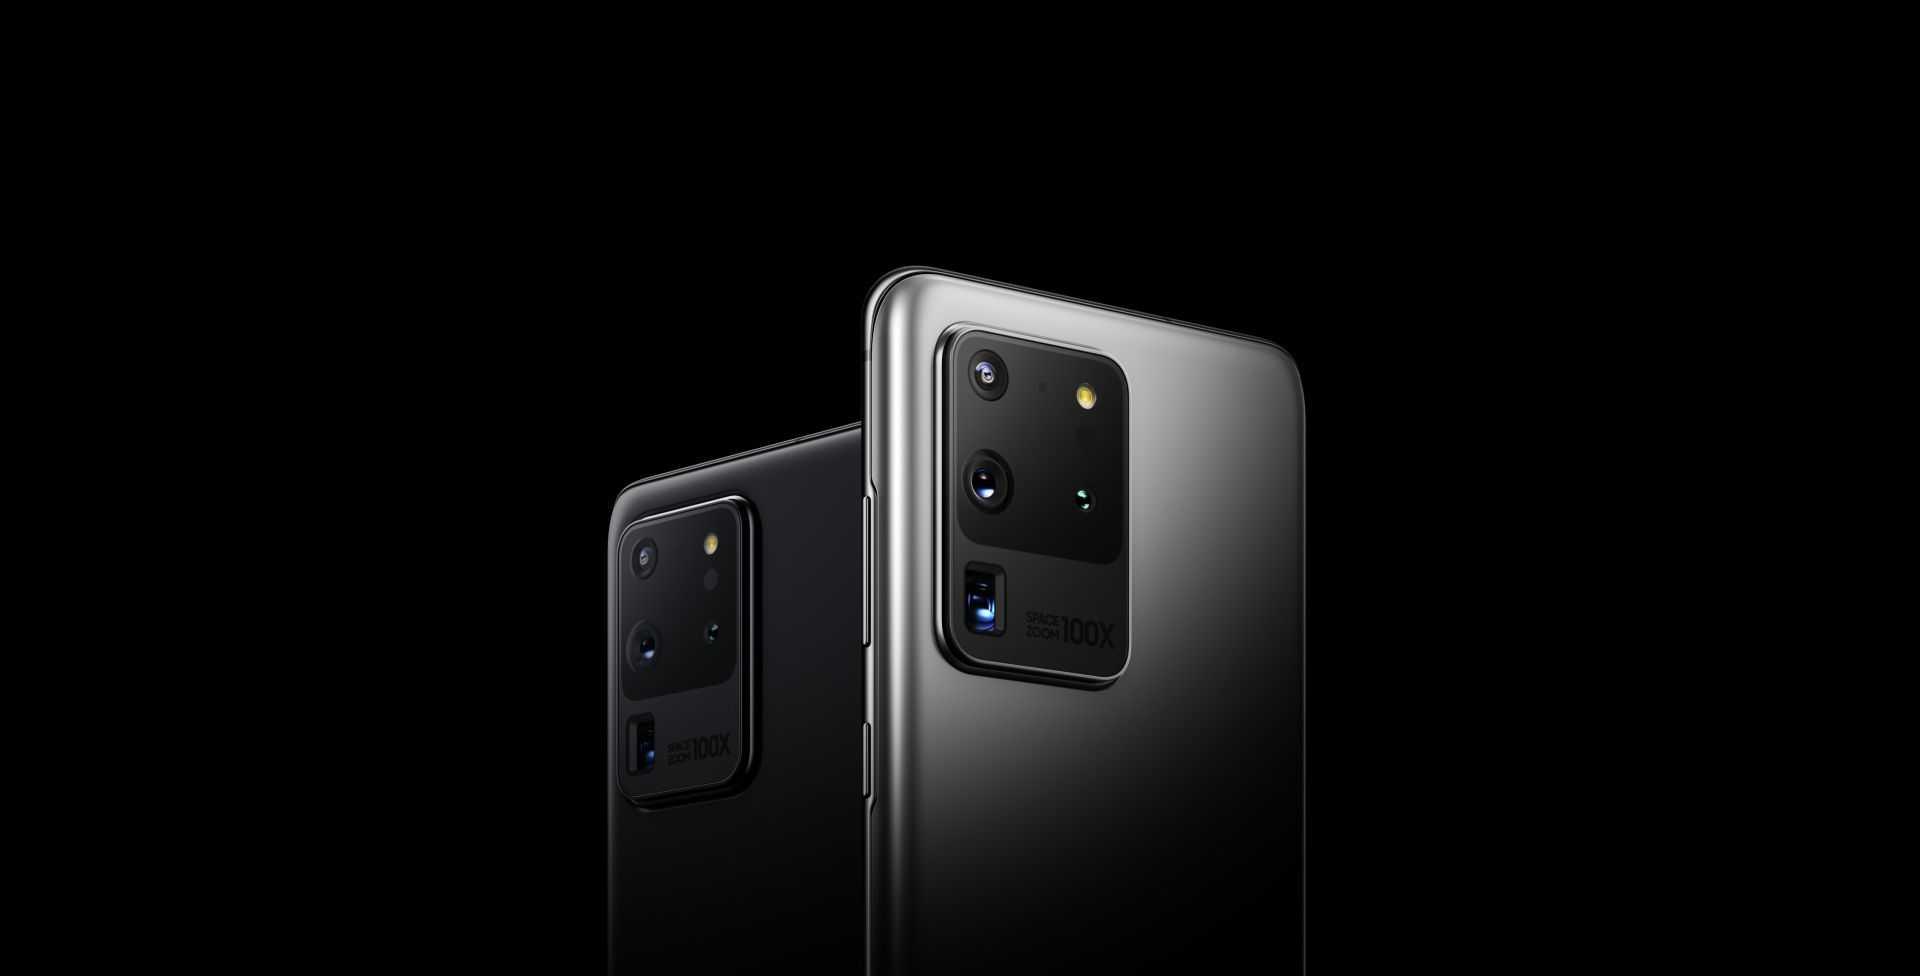 Невзирая на тот факт что модель A21 была представлена уже месяц тому назад компания Samsung уже готова порадовать поклонников новым гаджетом который получил название